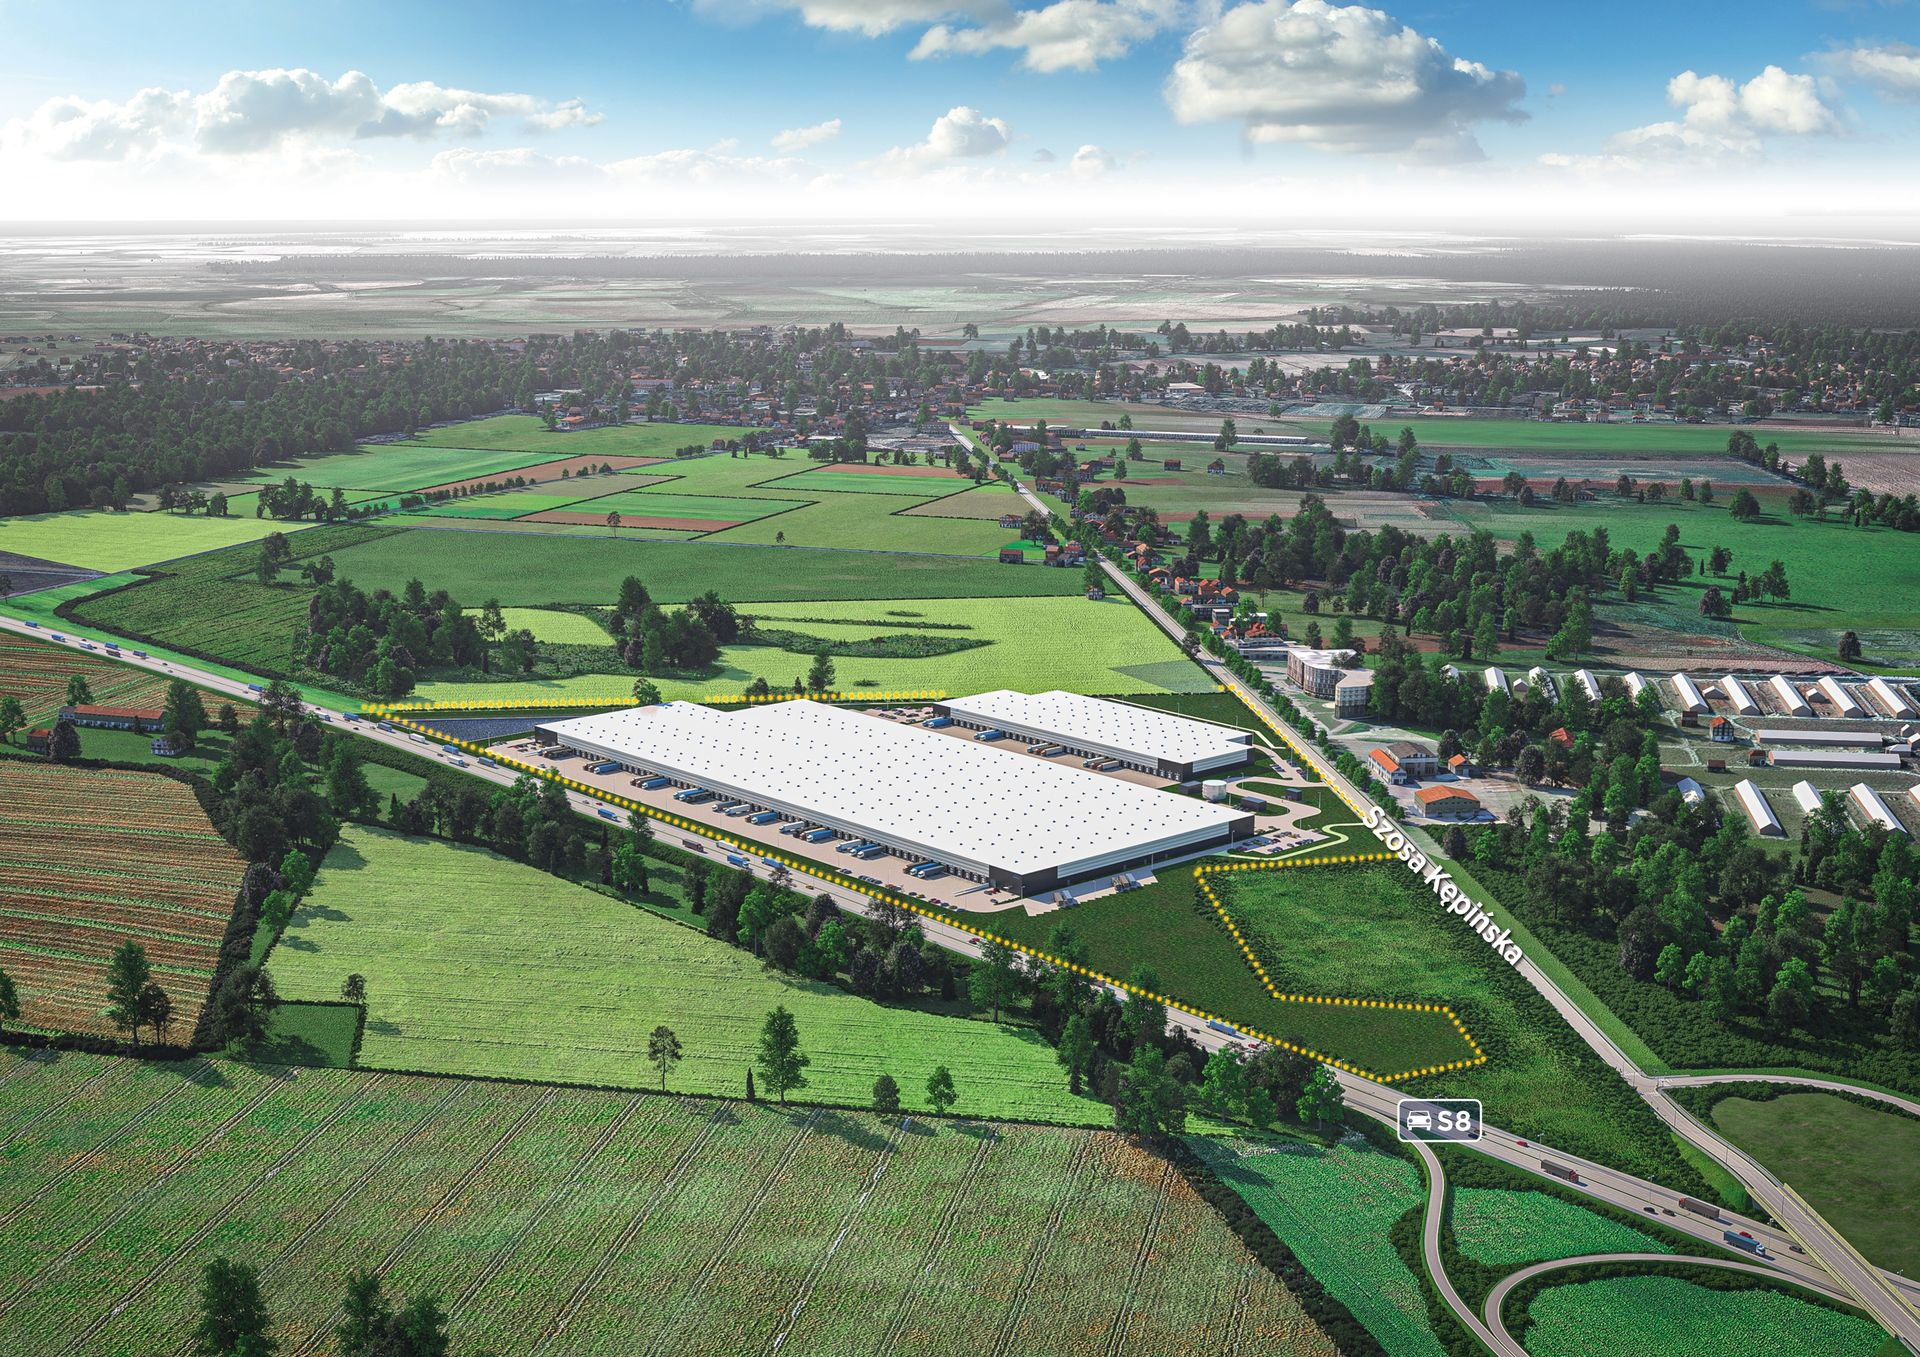 Amerykański Hillwood inwestuje w Sycowie. Powstanie wiele nowych miejsc pracy